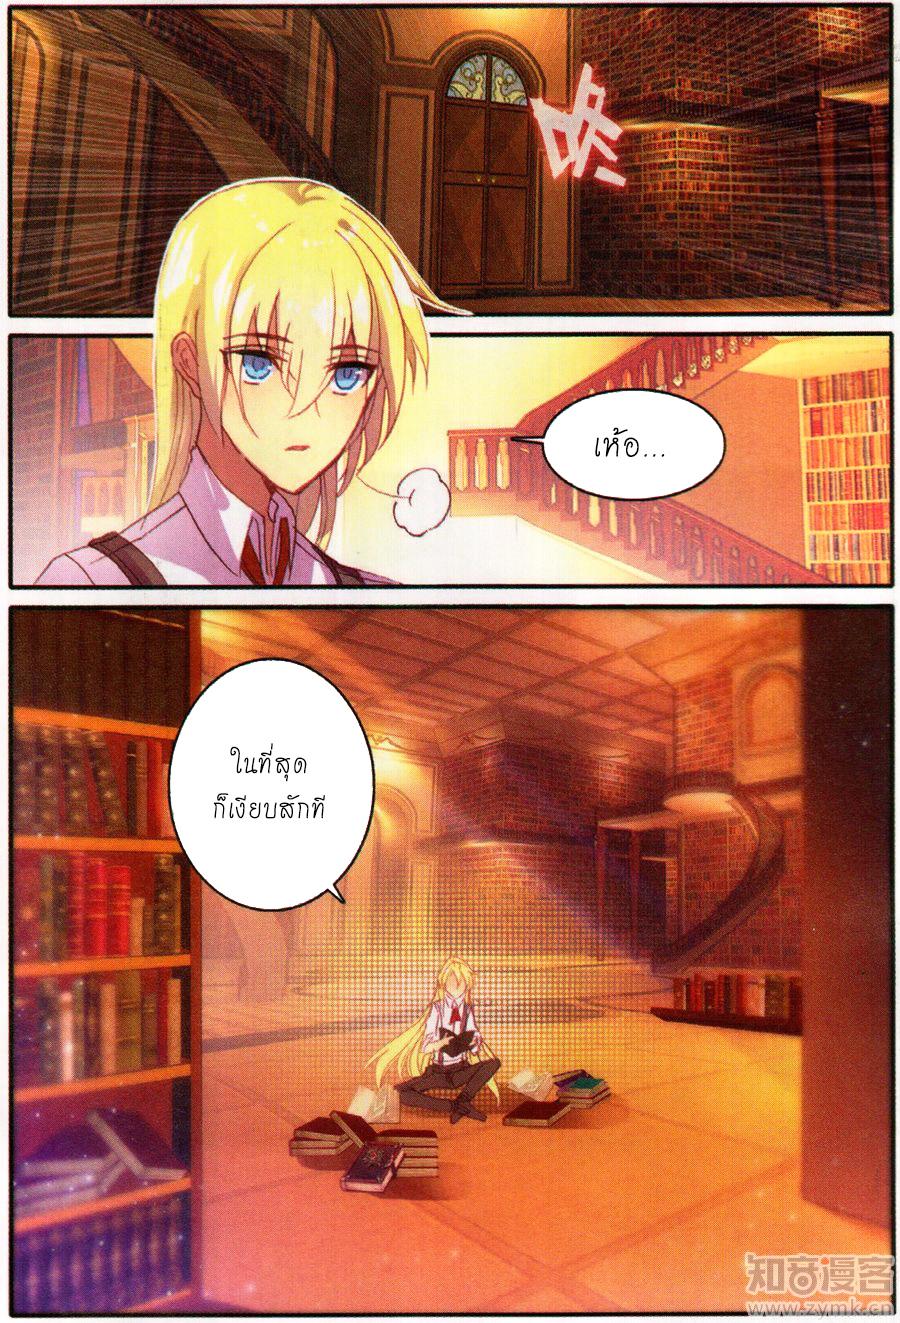 อ่านการ์ตูน The Magic Chef of Ice and Fire S2 9 ภาพที่ 11